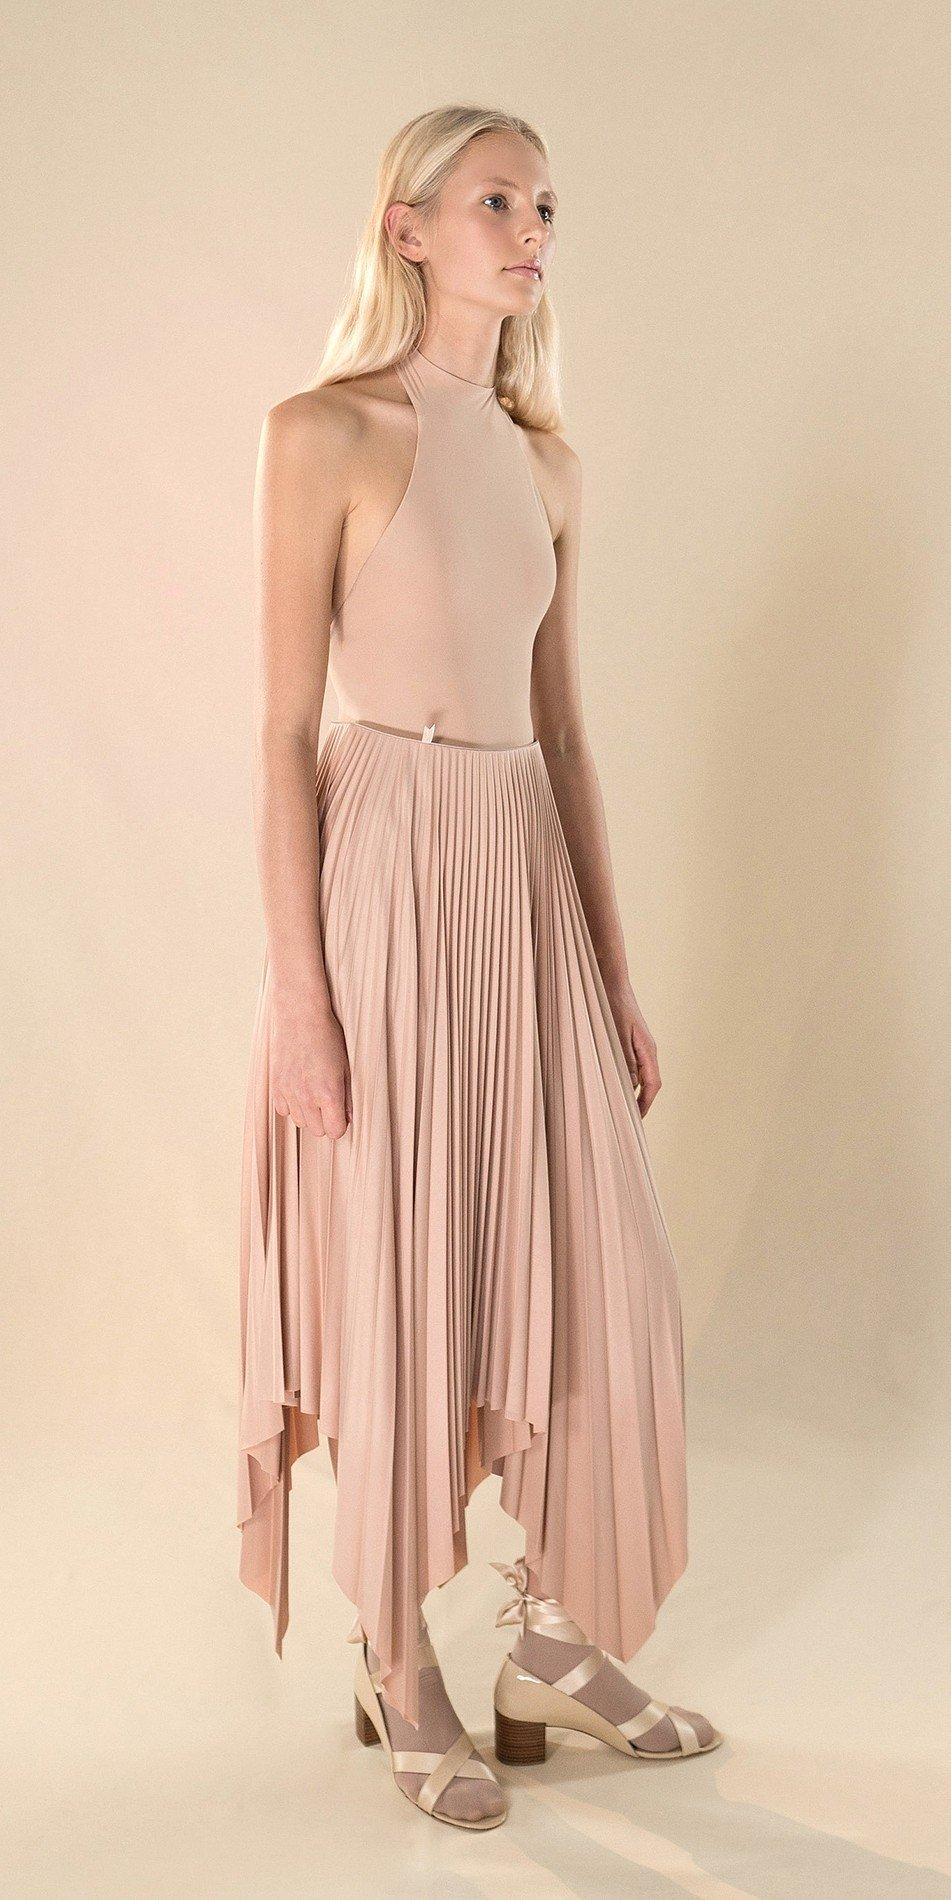 SUN20RAY nude pleated skirt 1 r 2